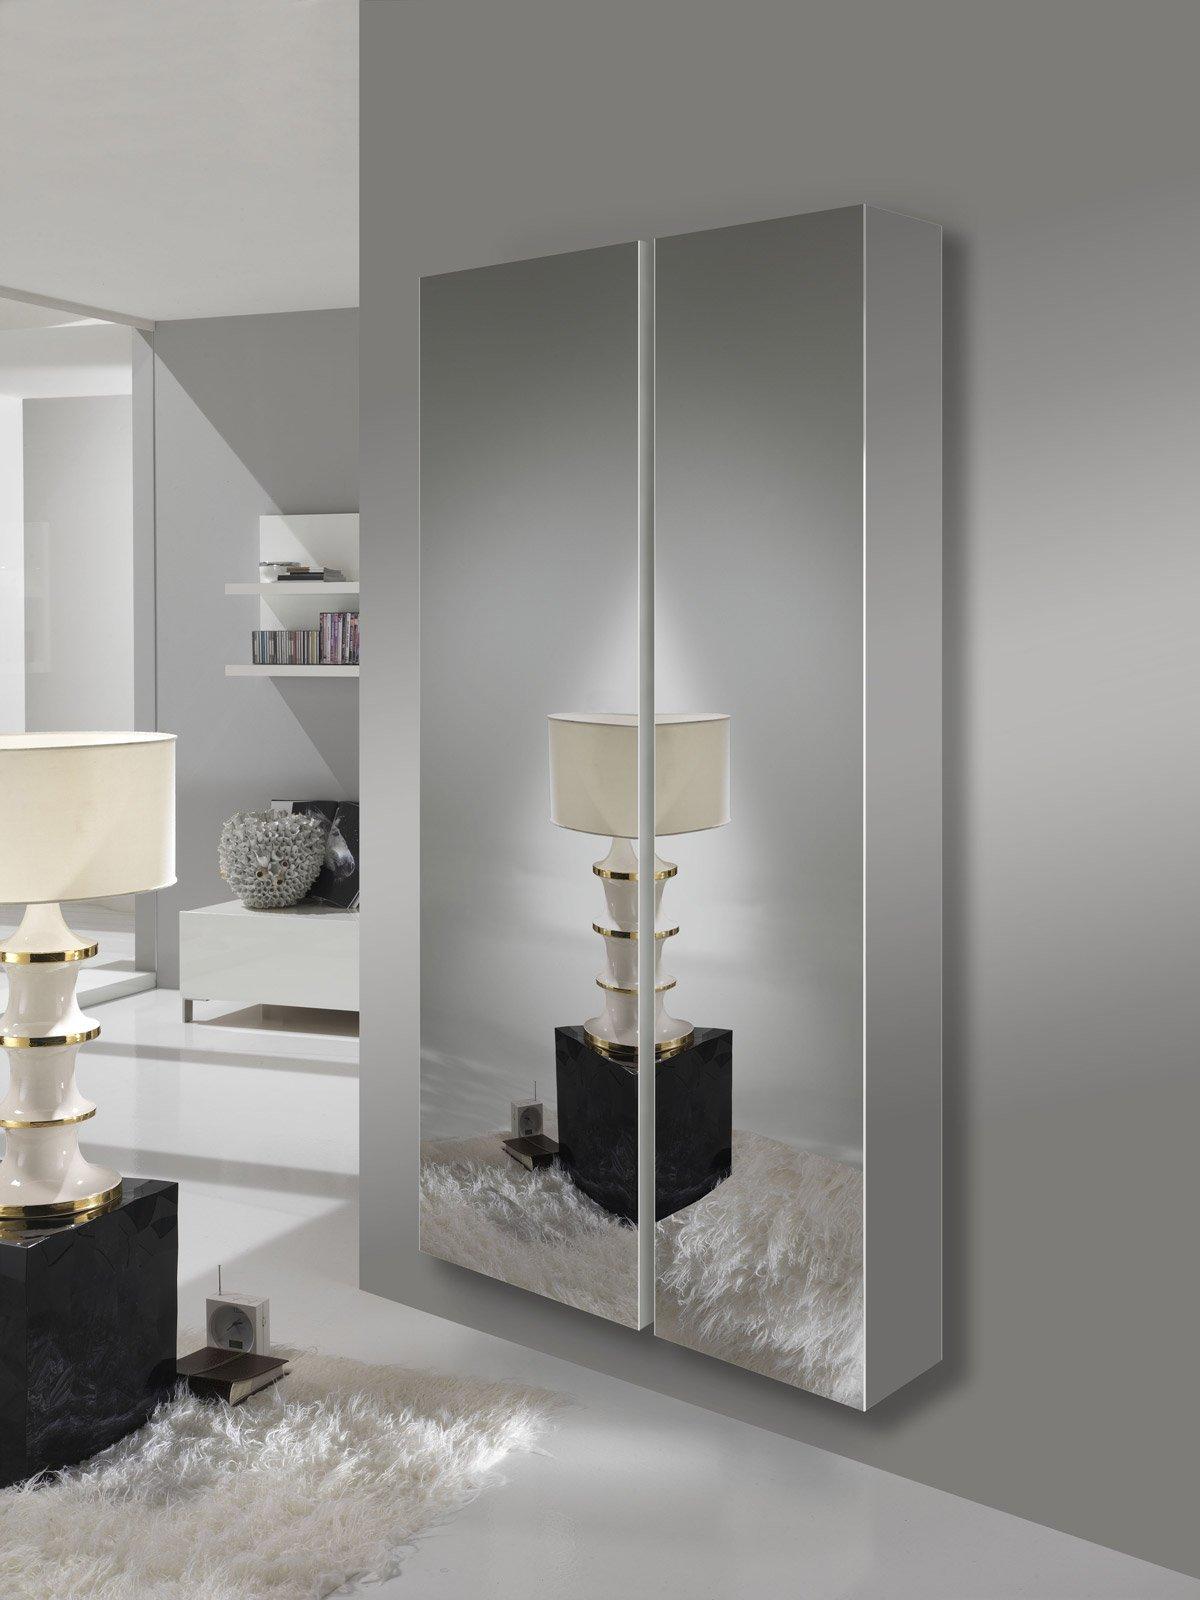 Isaloni 2015 armadi cabine cassettiere tutti da esibire - Armadi a specchio ikea ...